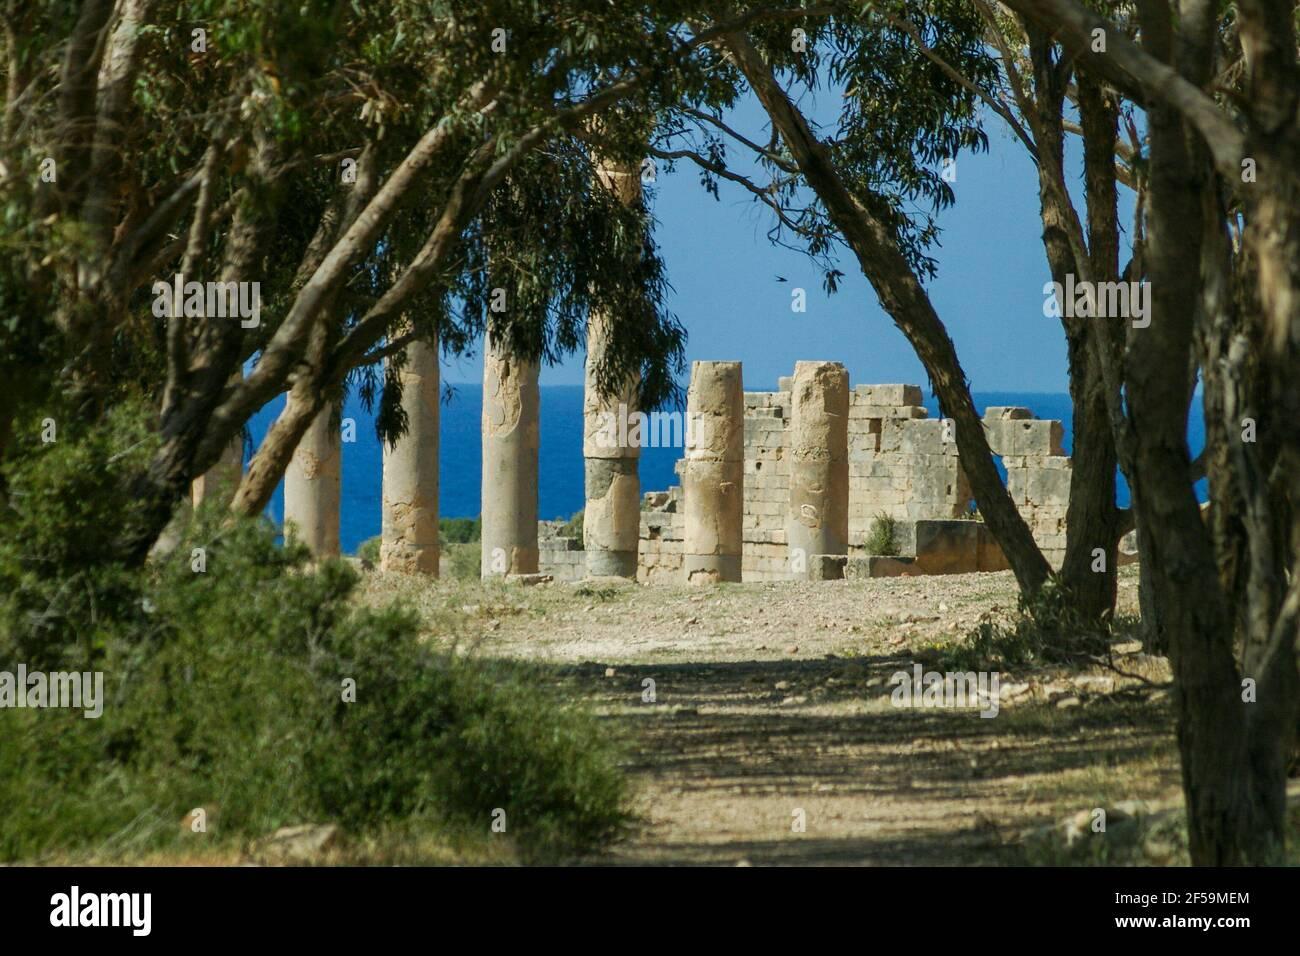 Rovine romane a Tolmeita, Libia Foto Stock